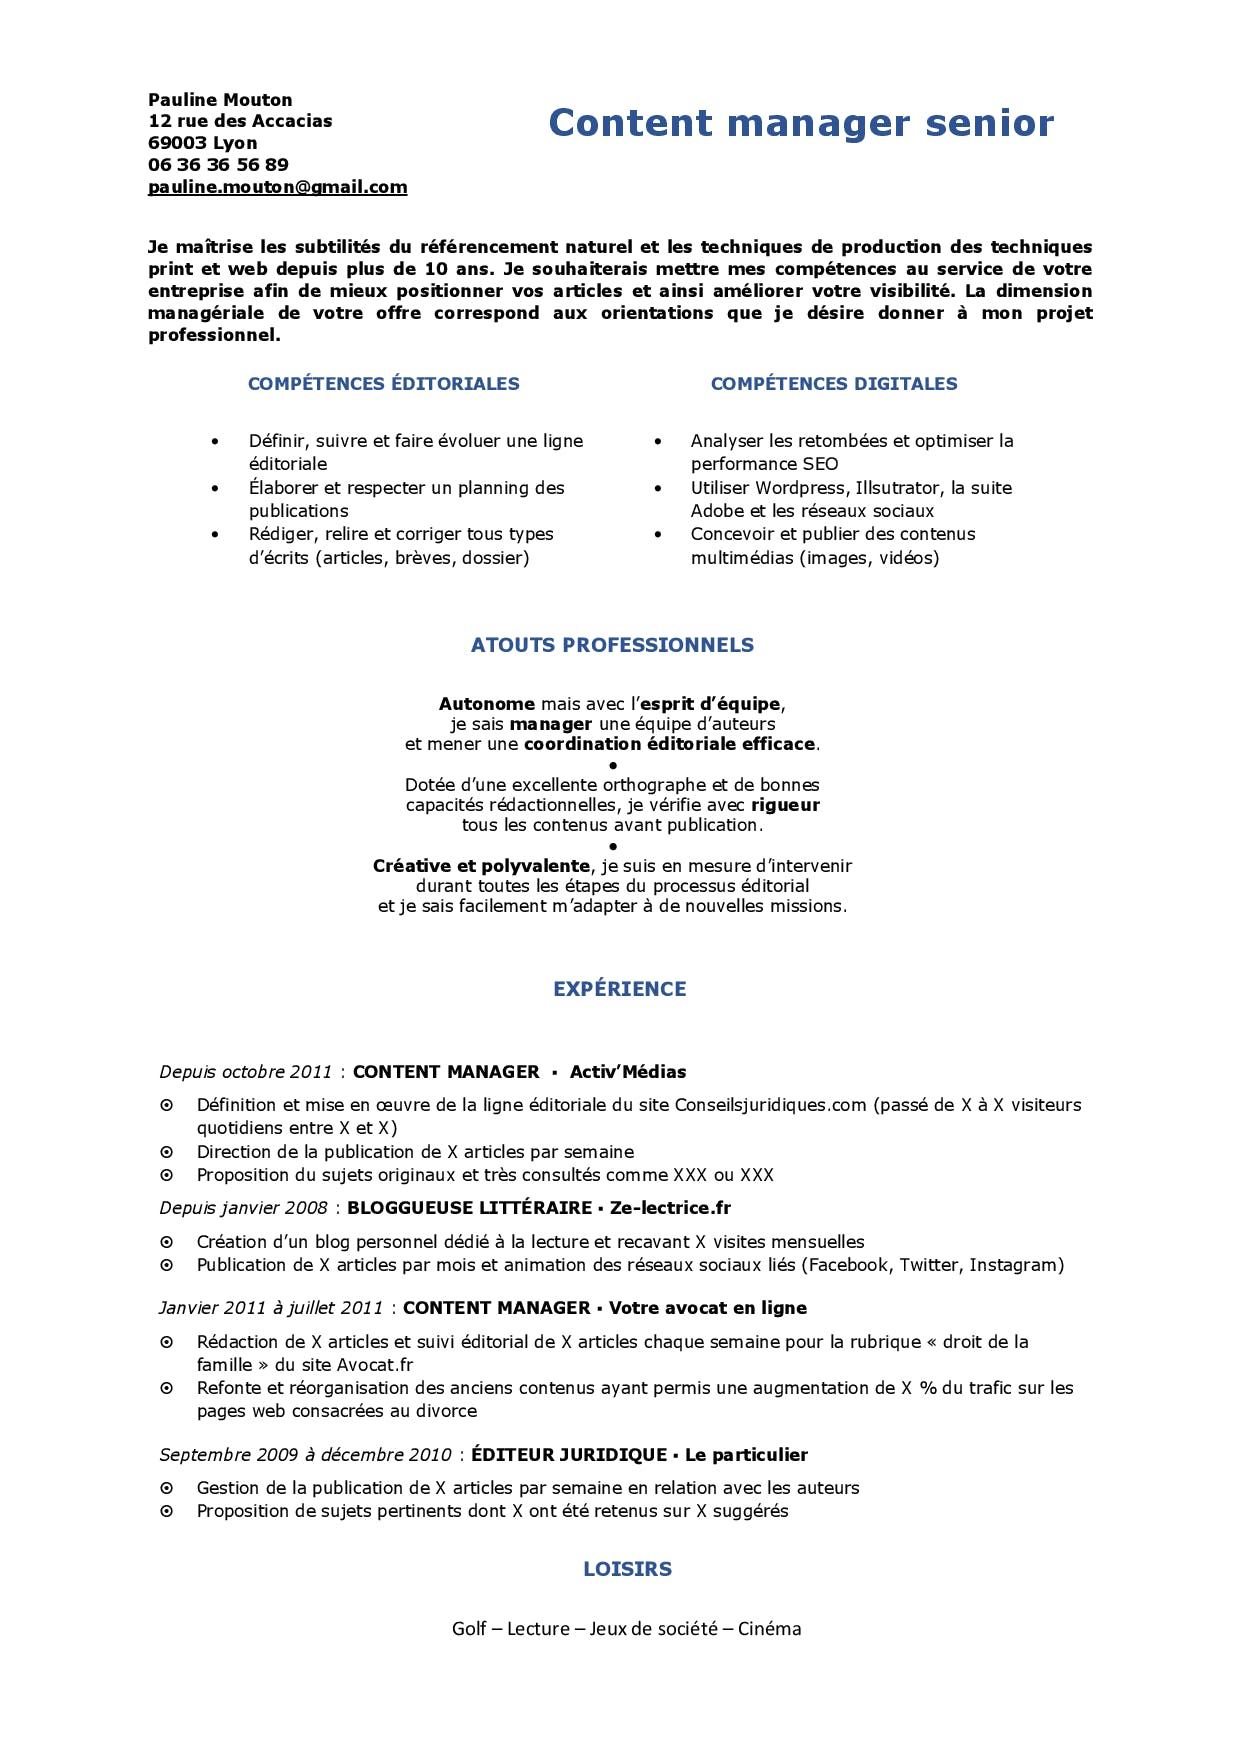 Exemple de bon CV par compétences